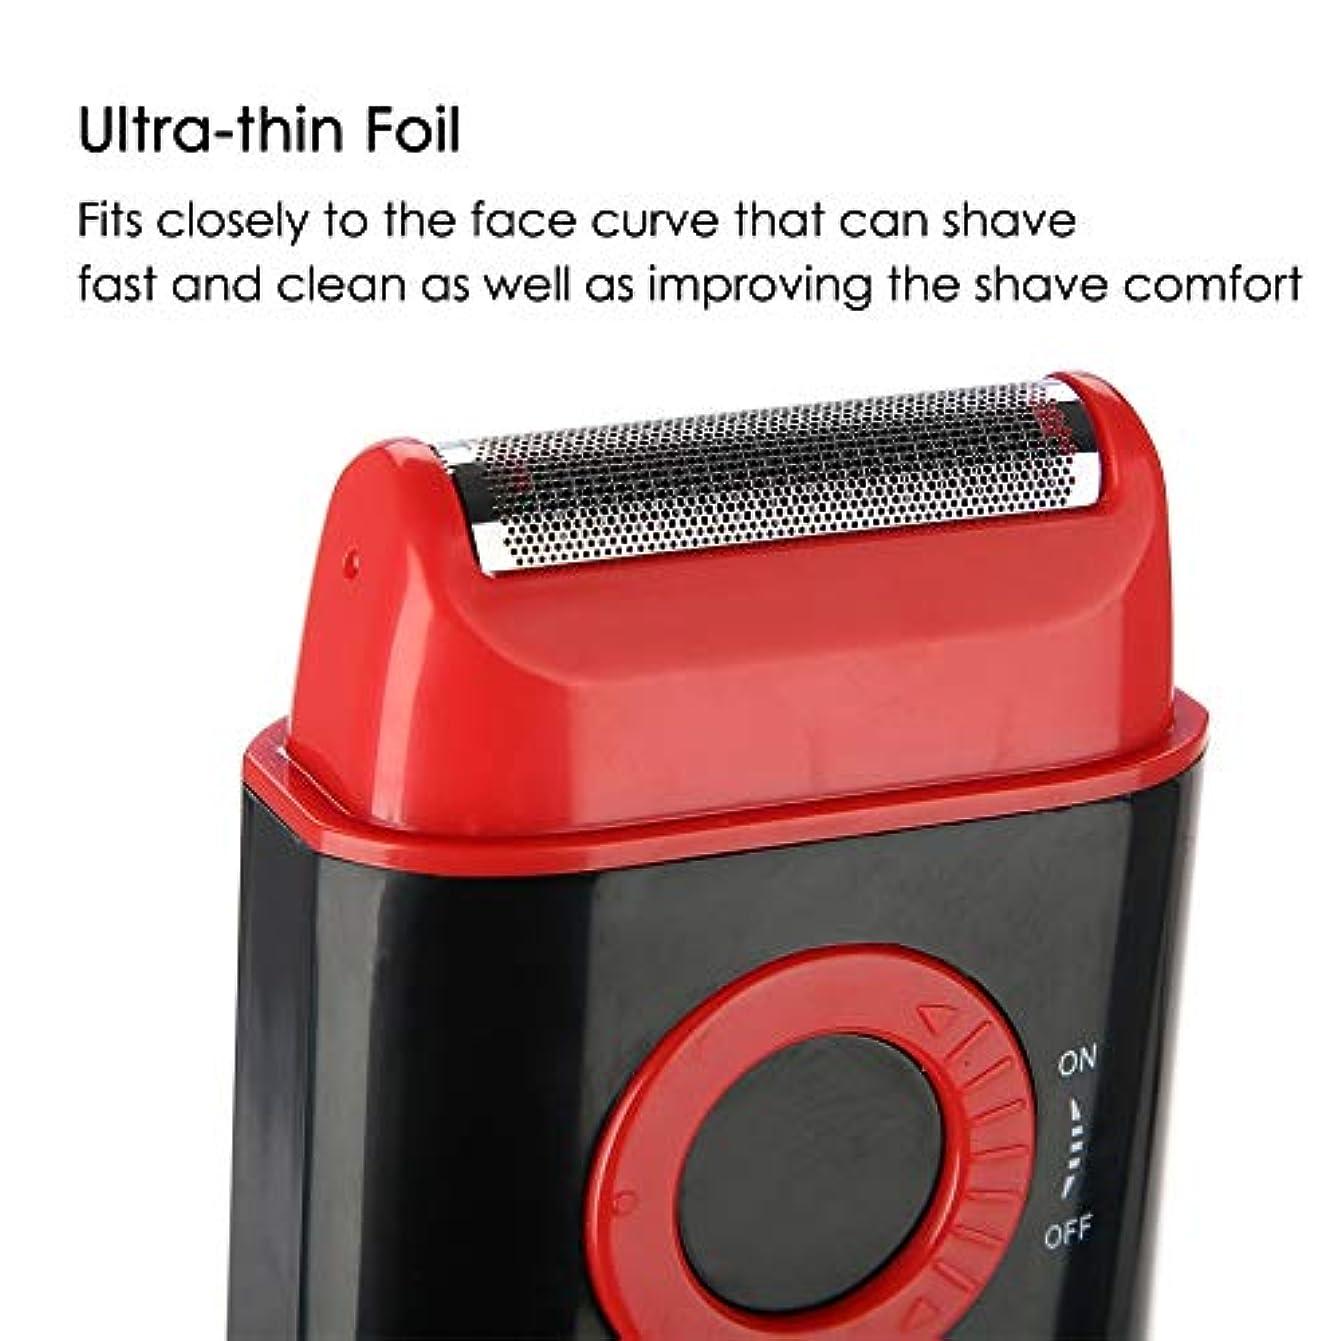 彼は施設抵抗電気シェーバー 剃刀 男性 超薄型箔ポップアップひげトリマー単3電池のパワーシェービングカミソリ (レッド)